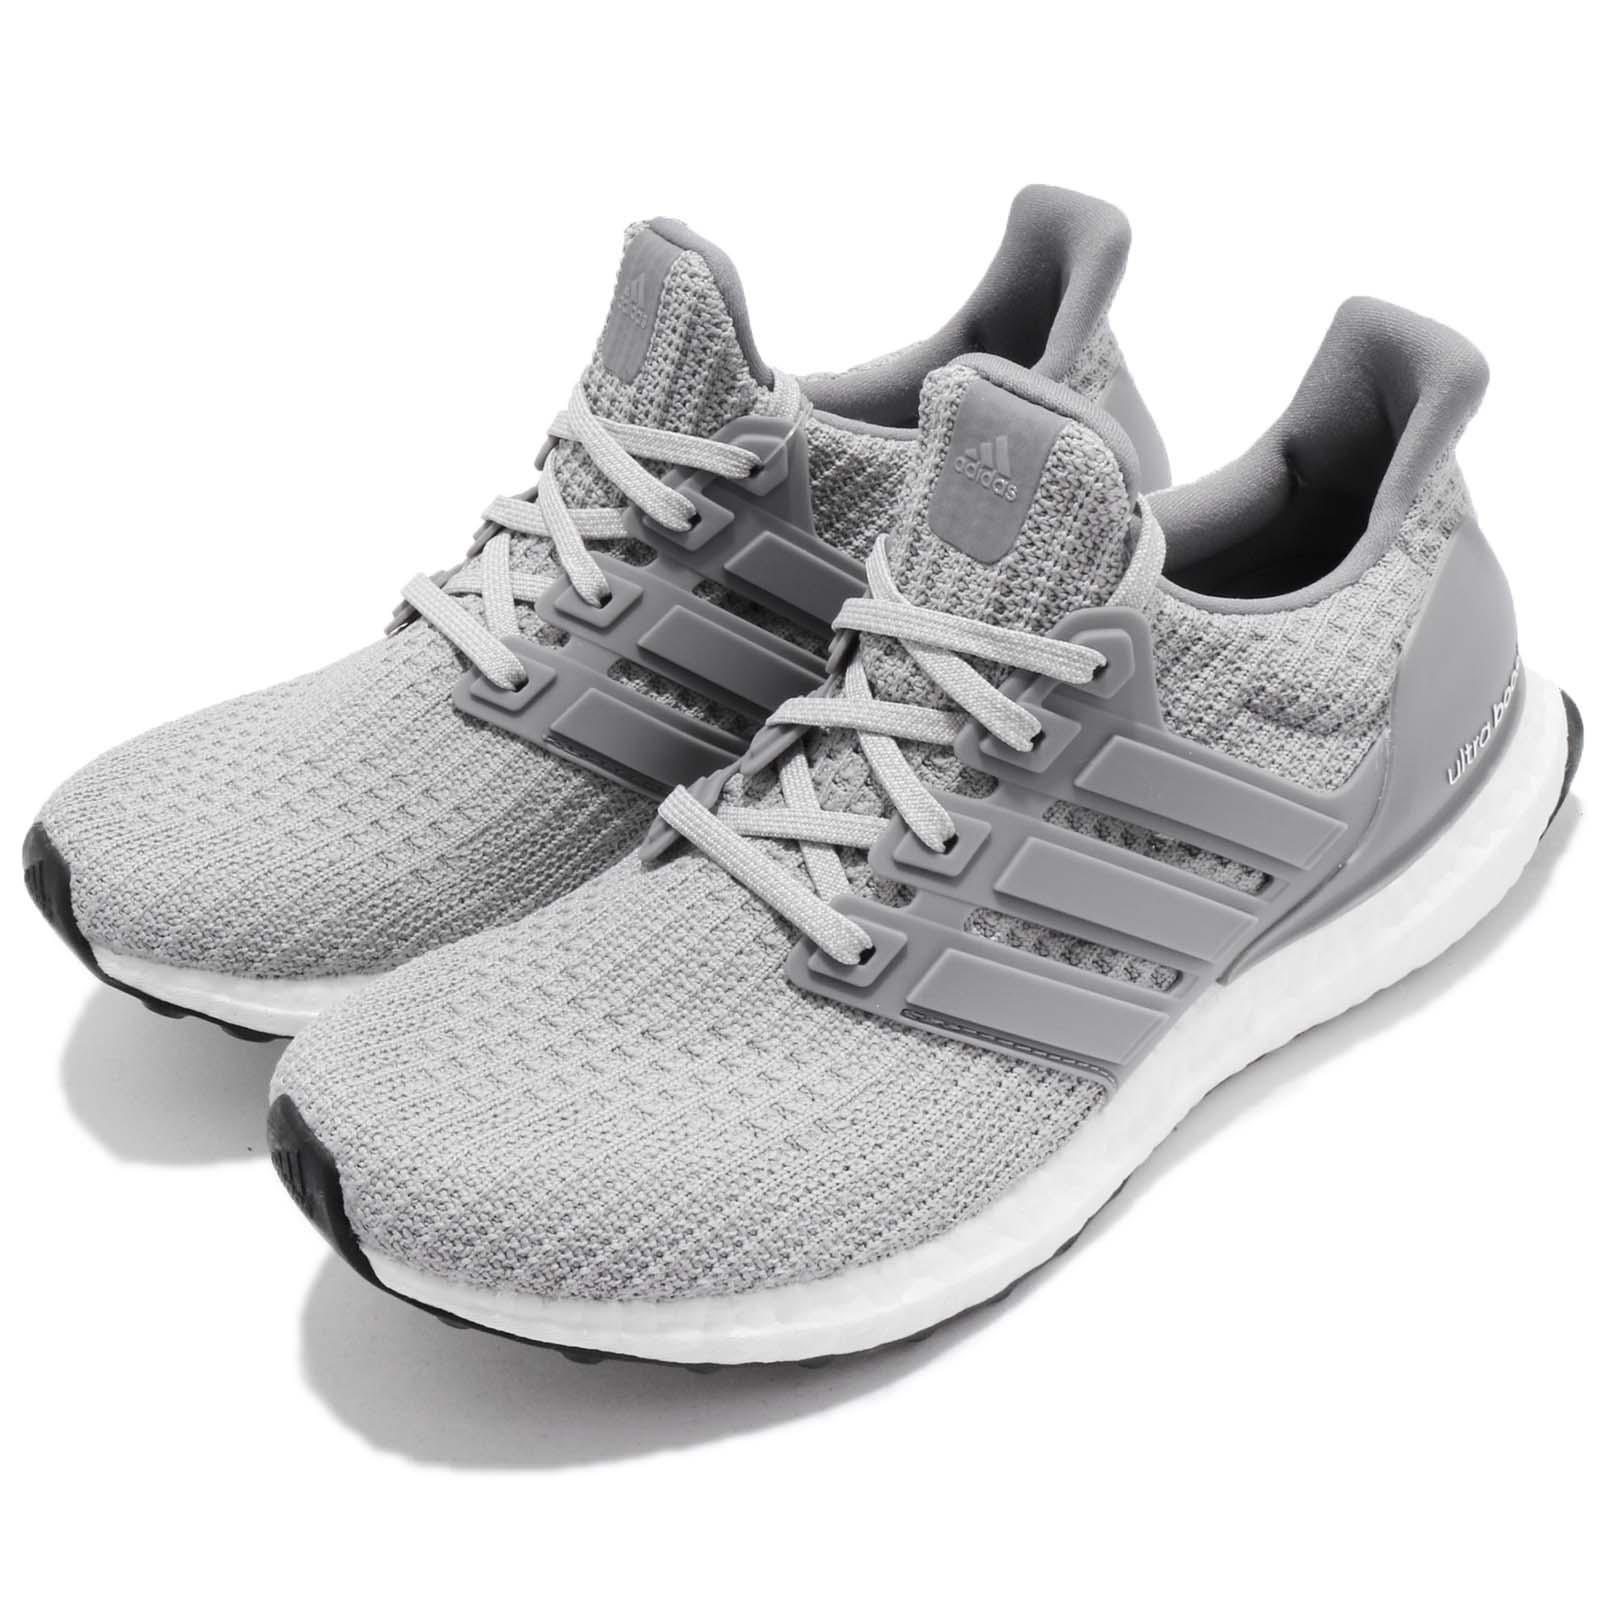 adidas 慢跑鞋 Ultra Boost 襪套 運動 女鞋 BB6150